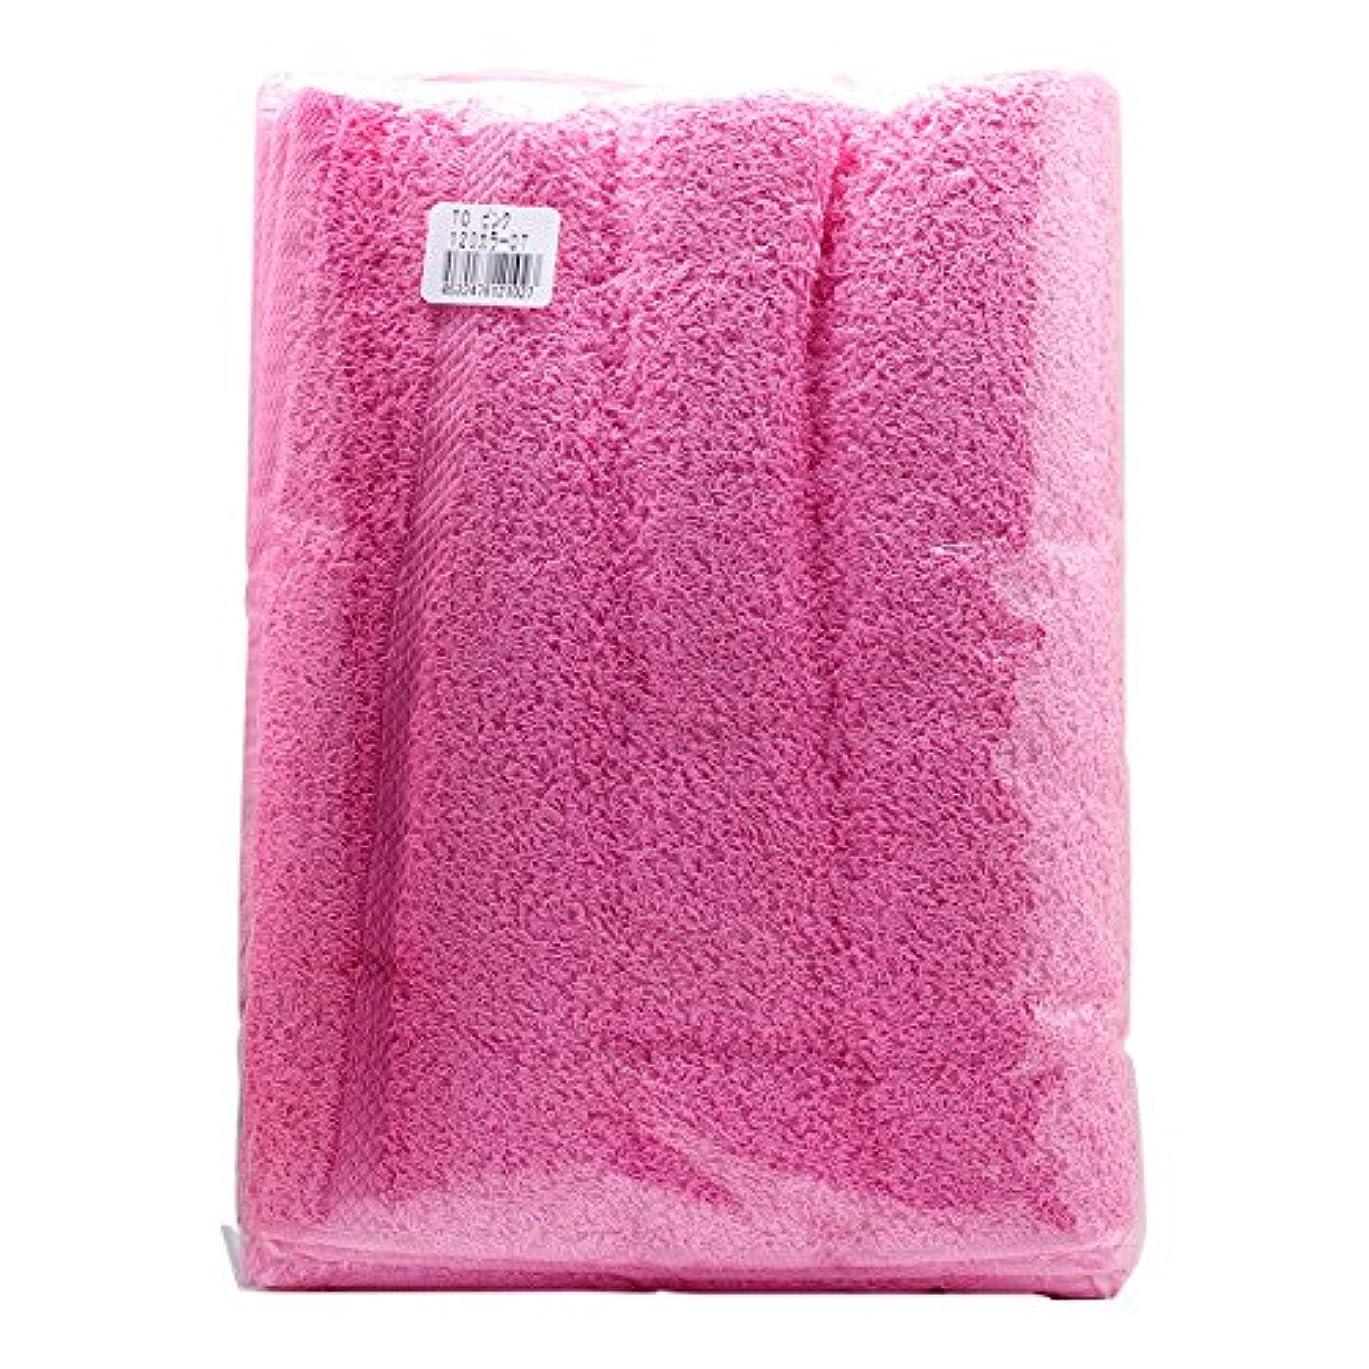 語回答割れ目TO カラーおしぼり 120匁 (12枚入) ピンク